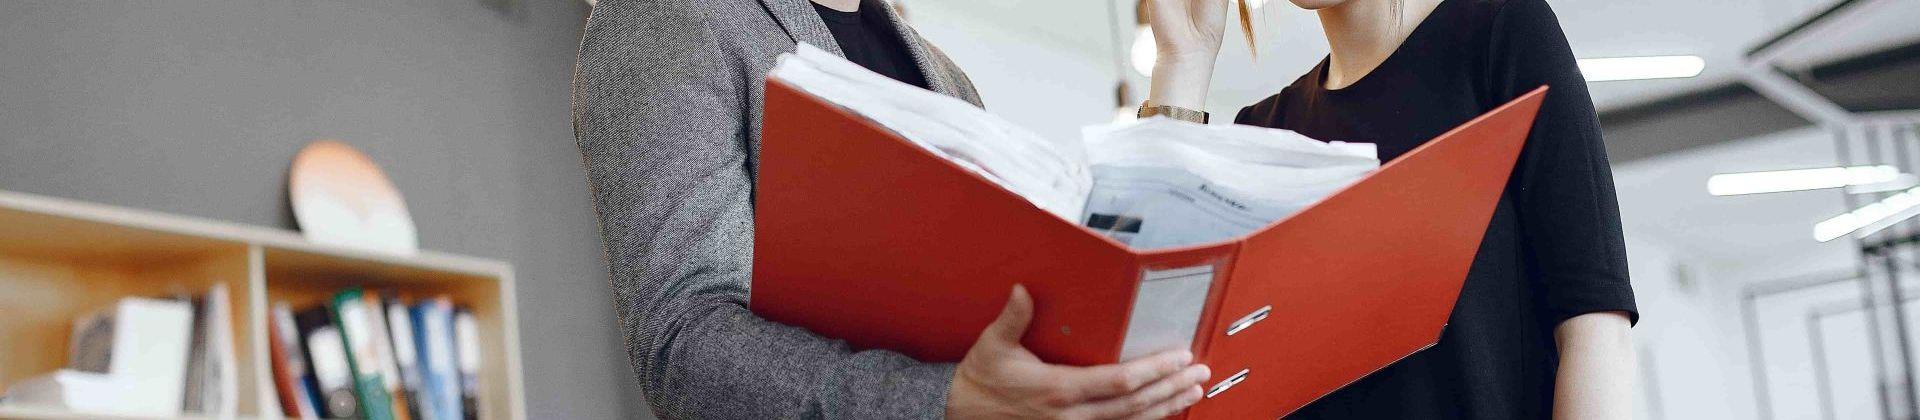 Księga wieczysta - czego można się z niej dowiedzieć?